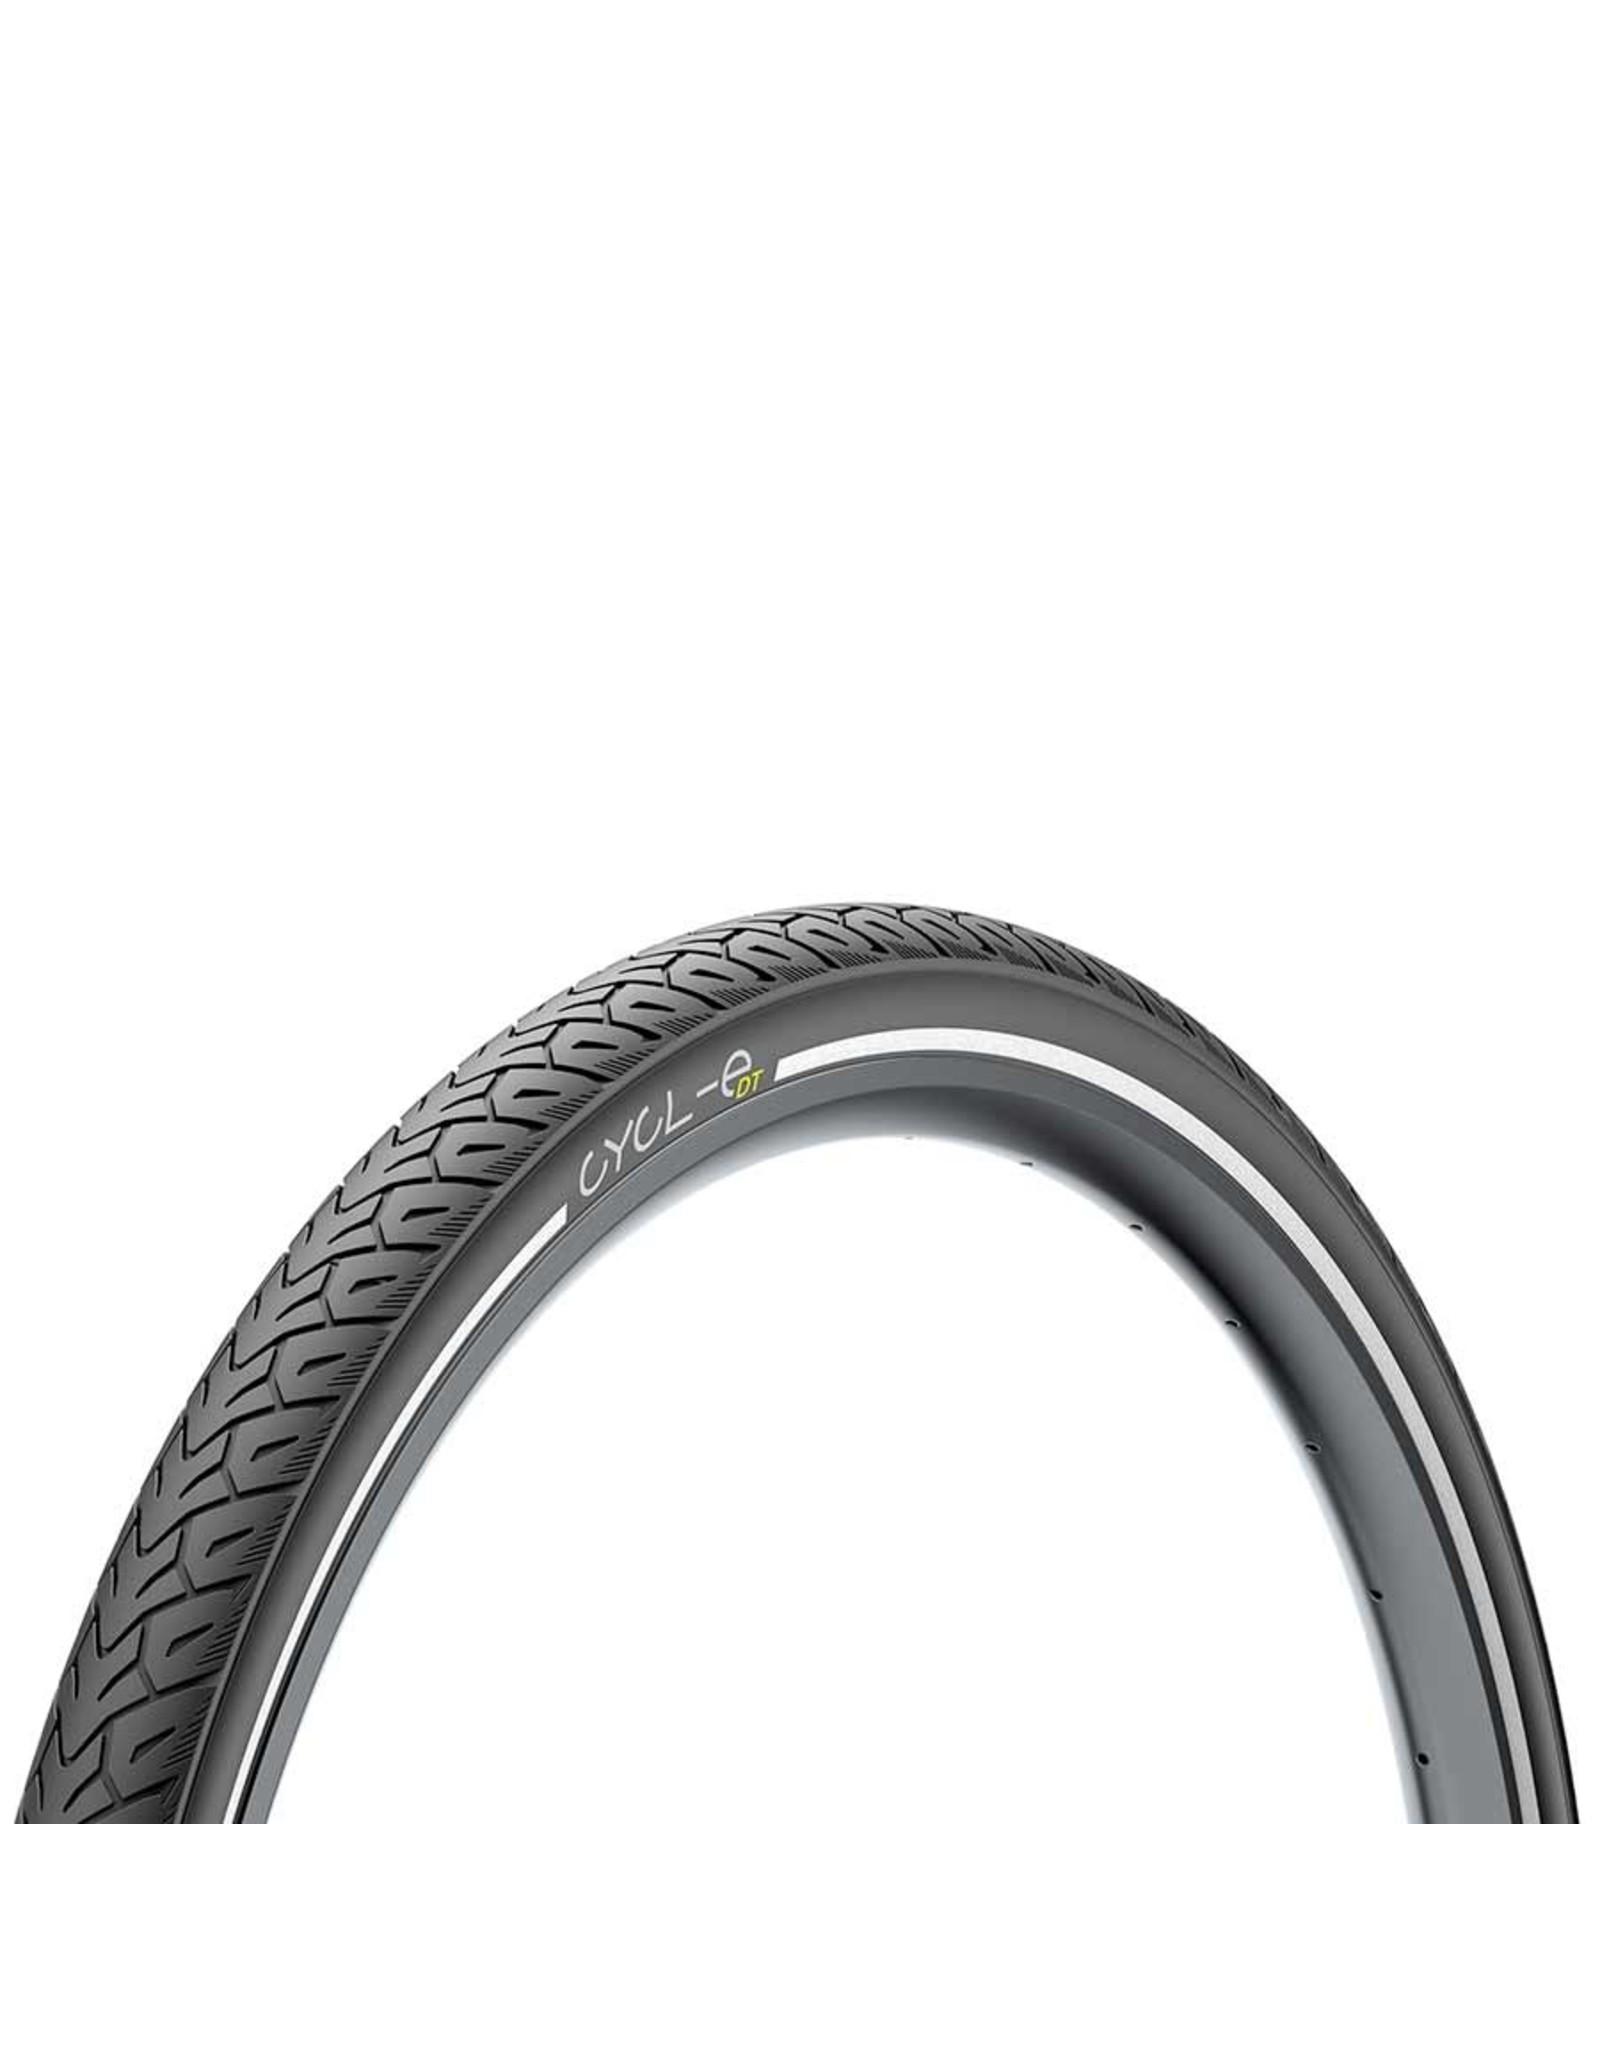 Pirelli Pirelli, Cycl-e DT, Tire, 700x35C, Wire, Clincher, Black